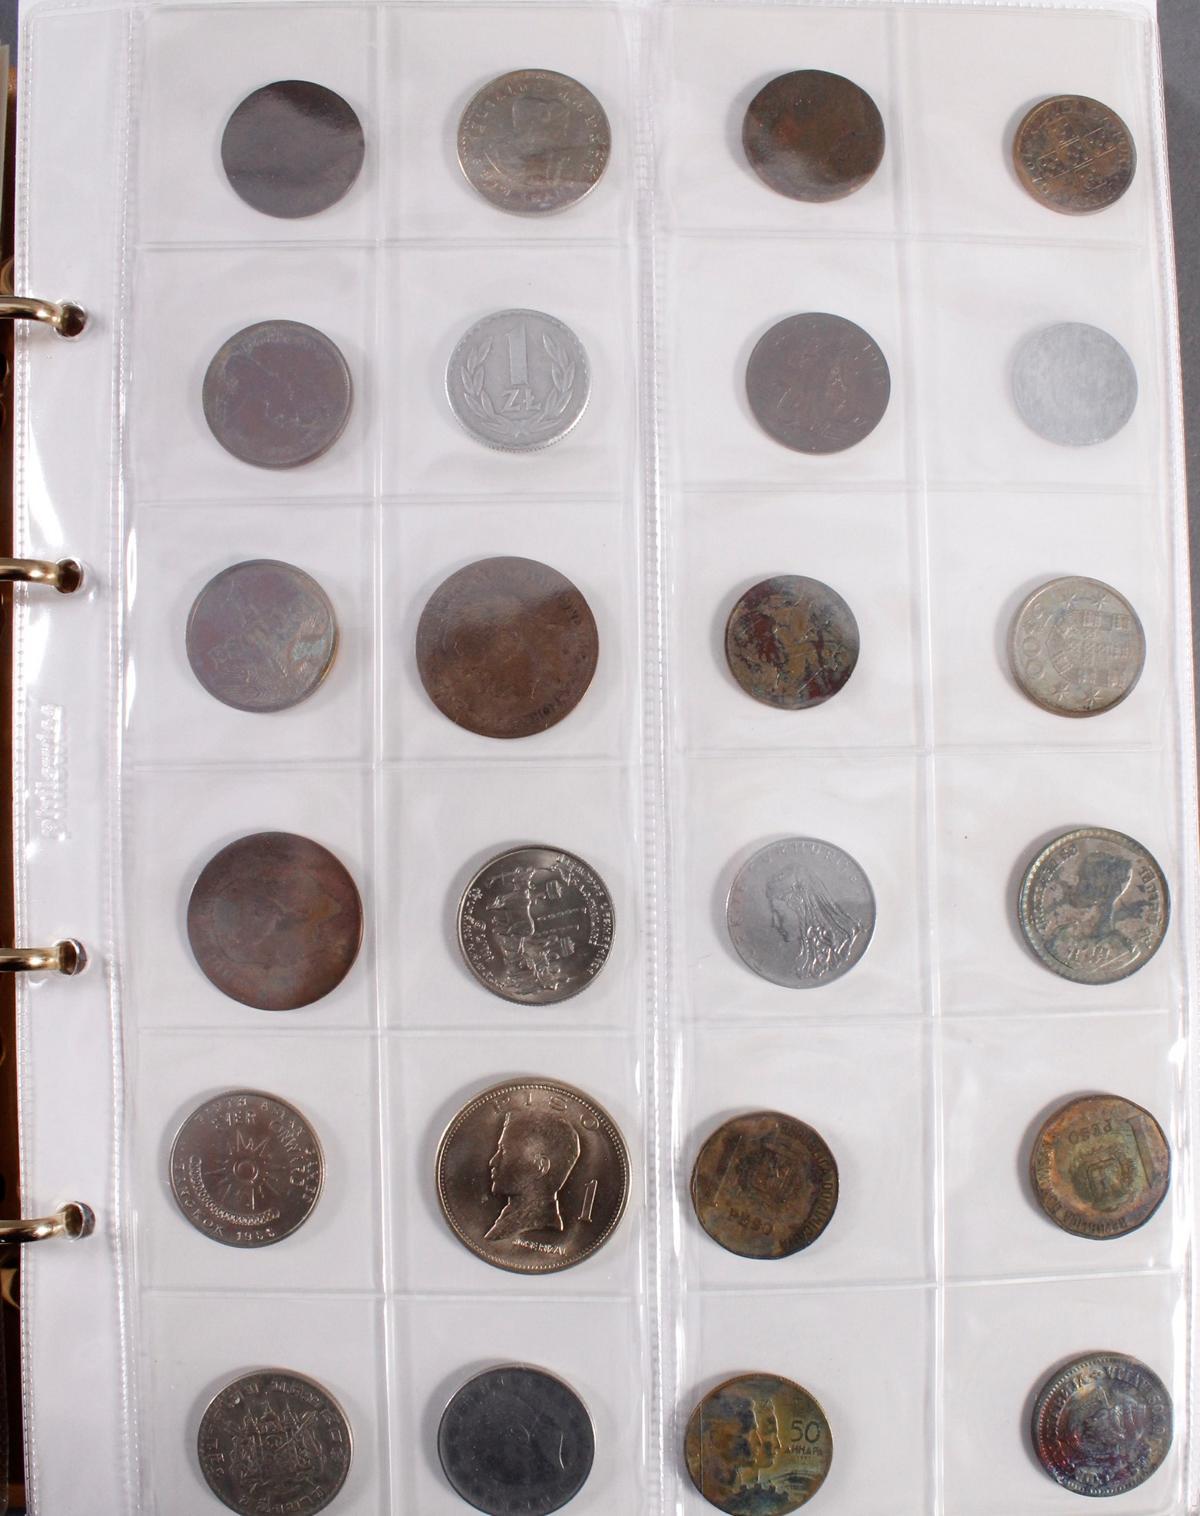 Münzalbum Alle Welt mit modernen Silbermünzen-4